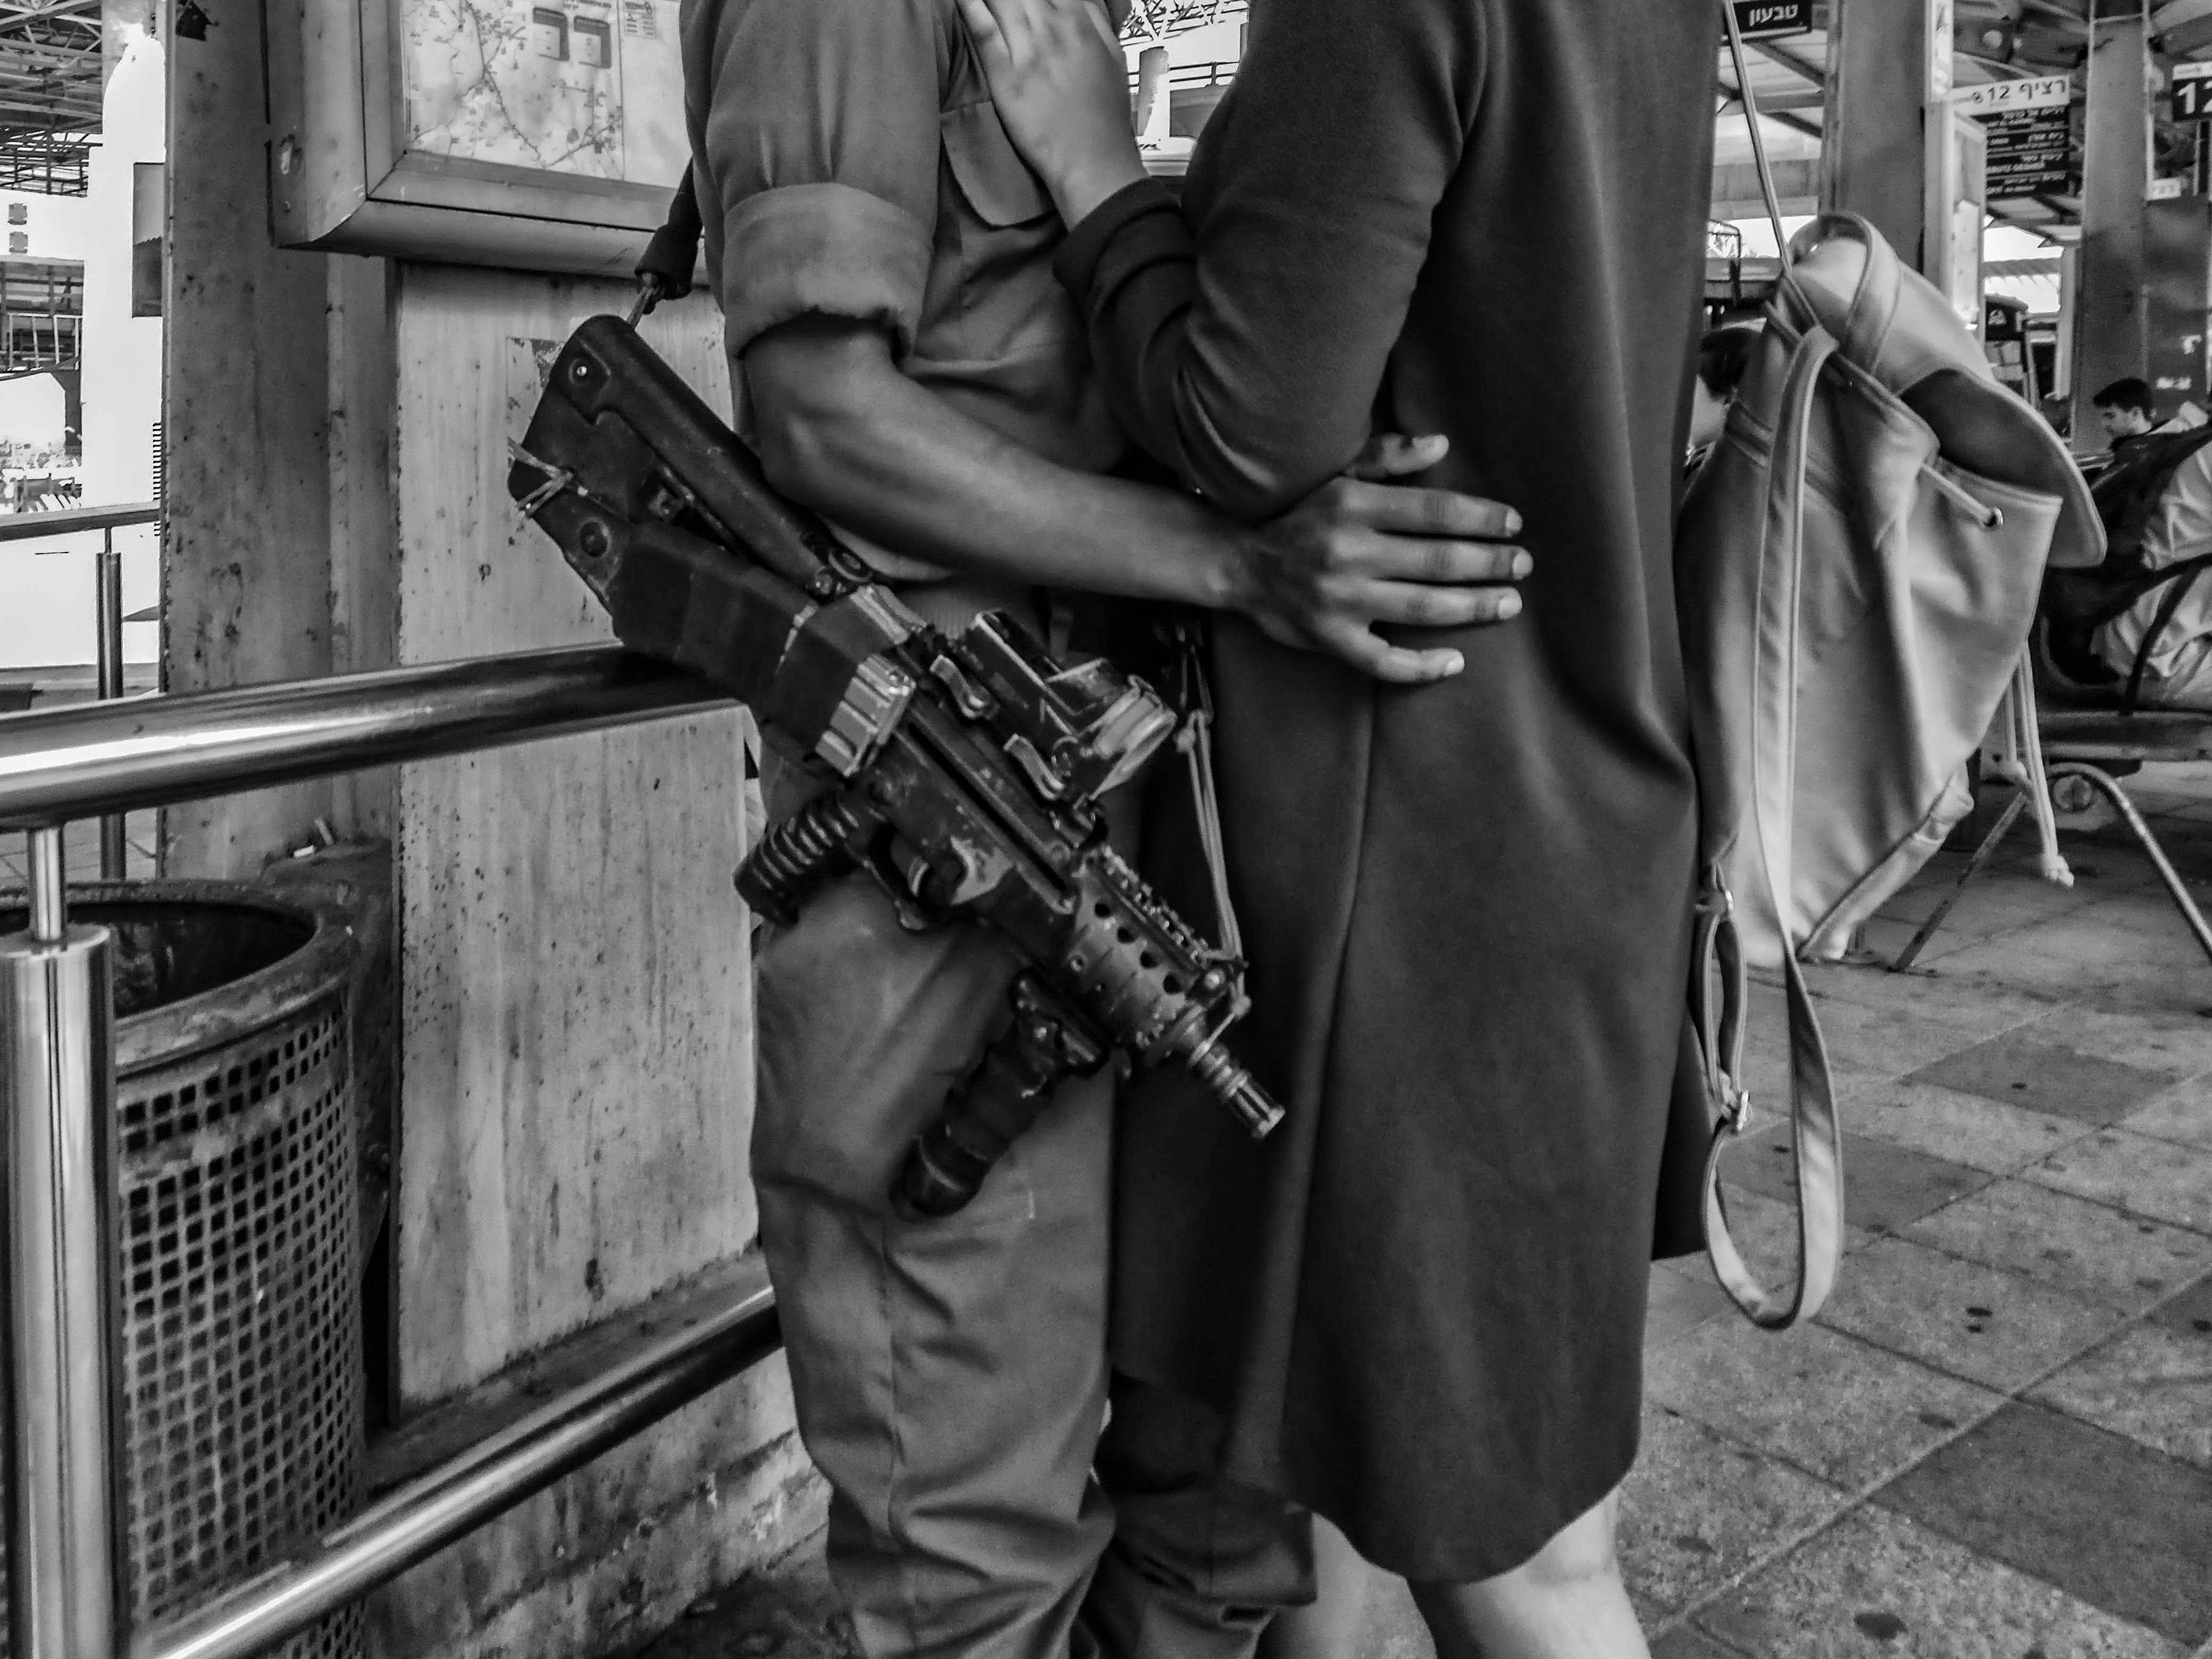 Wallpaper Love War Girl Soldier Hands Street